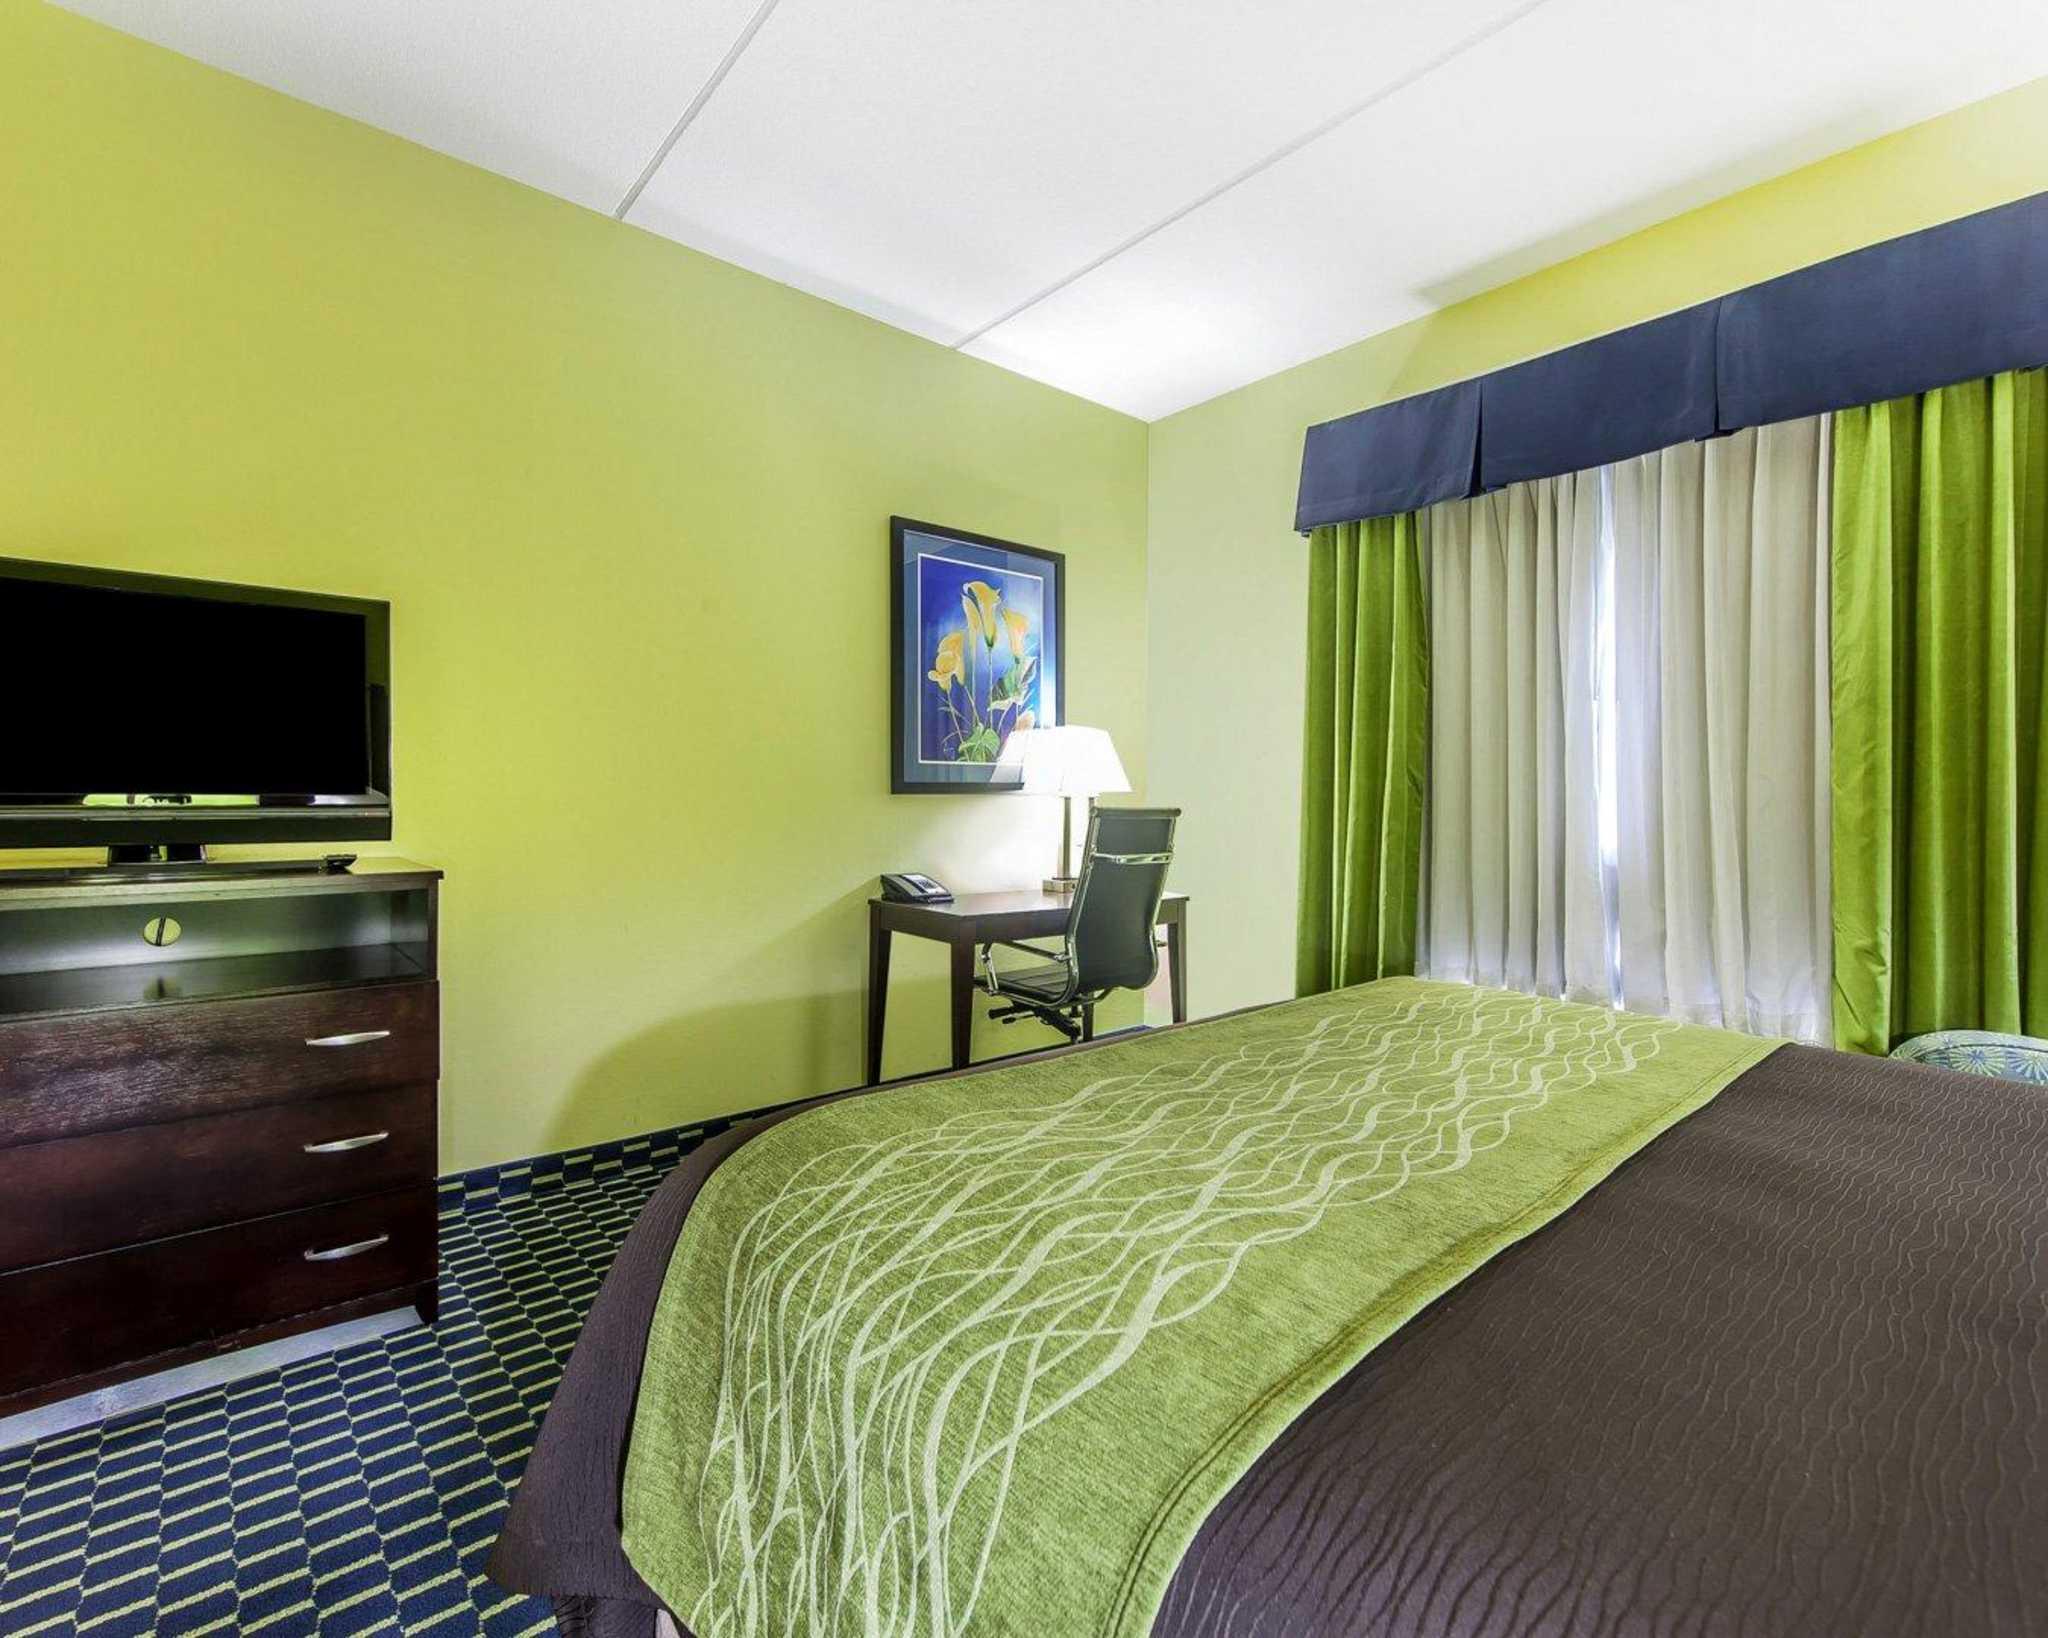 Comfort Inn image 34